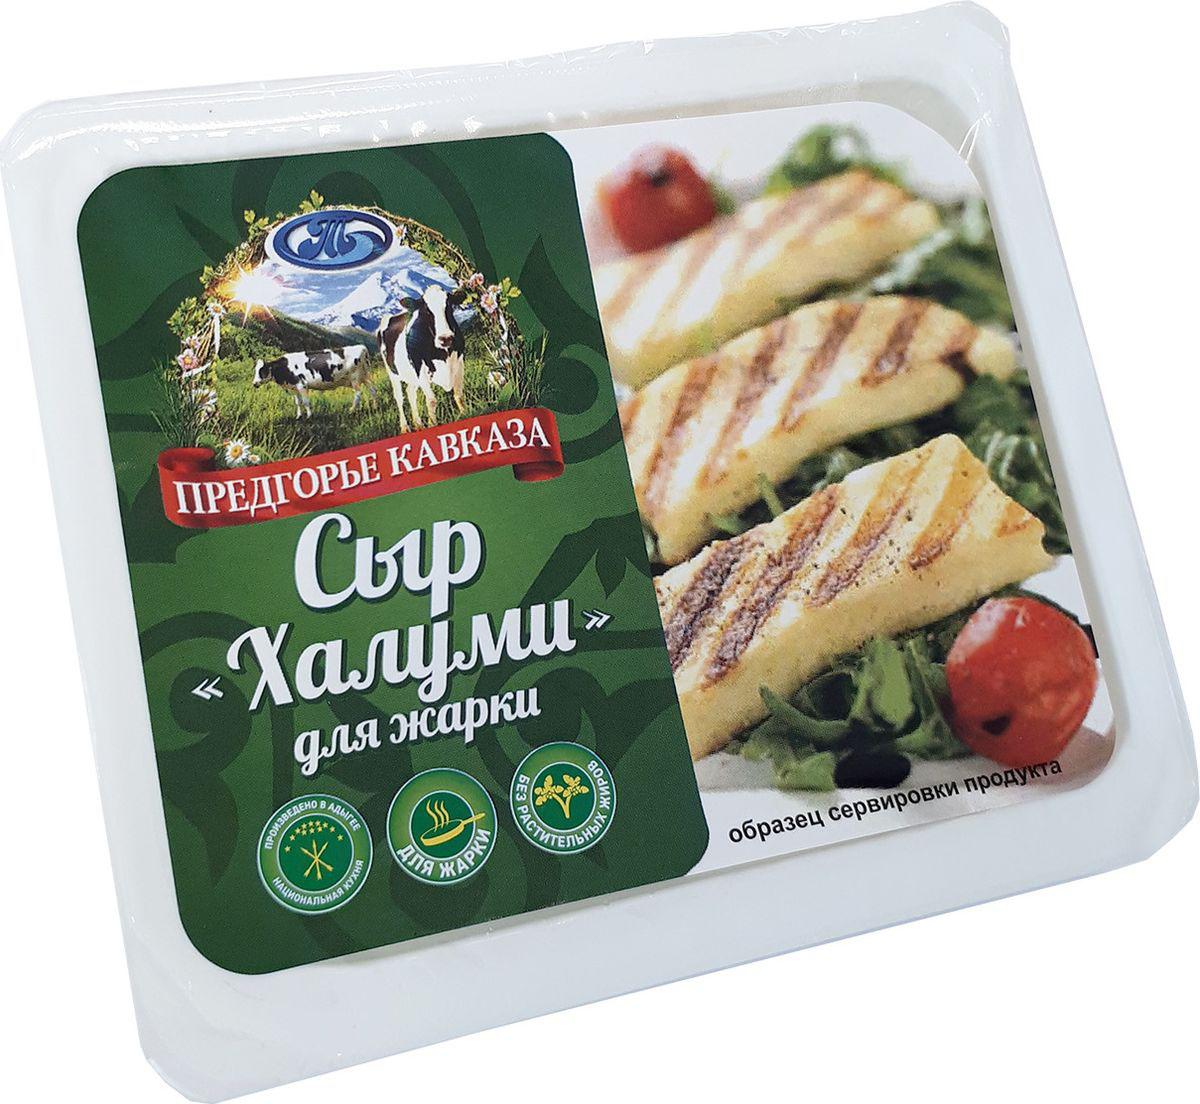 Предгорье Кавказа Сыр Халуми, 40%, 200 г